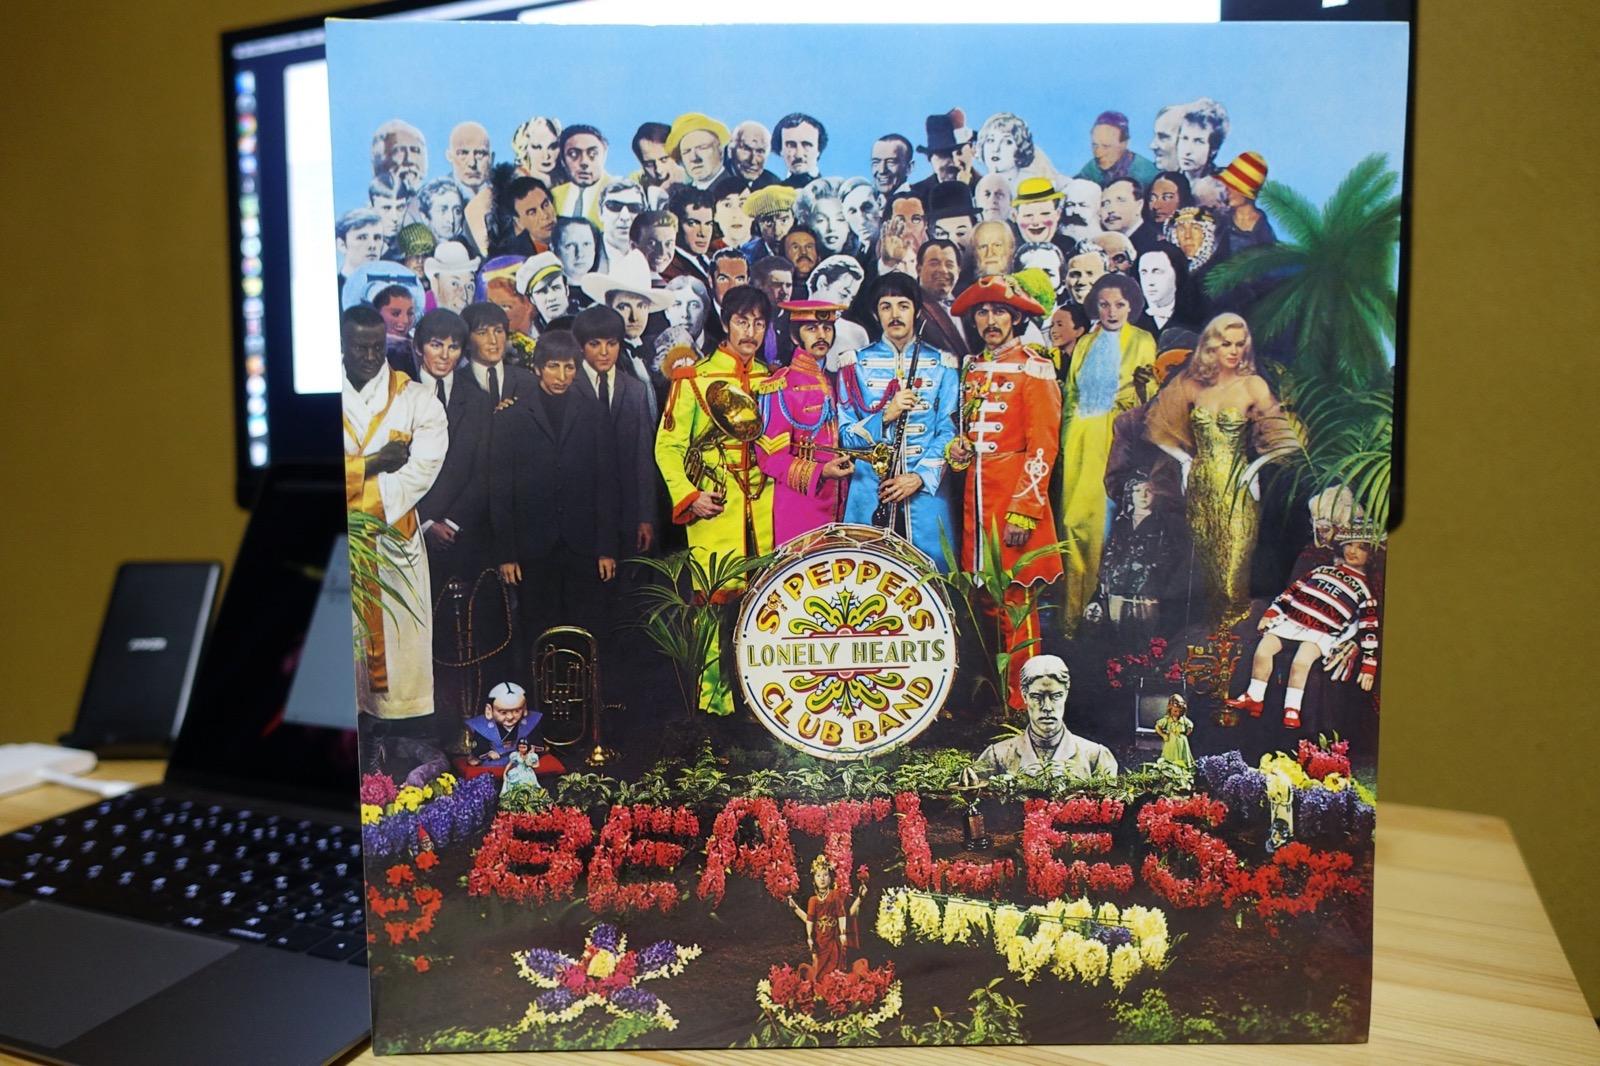 サージェント・ペパーズのCDのケース Beatles